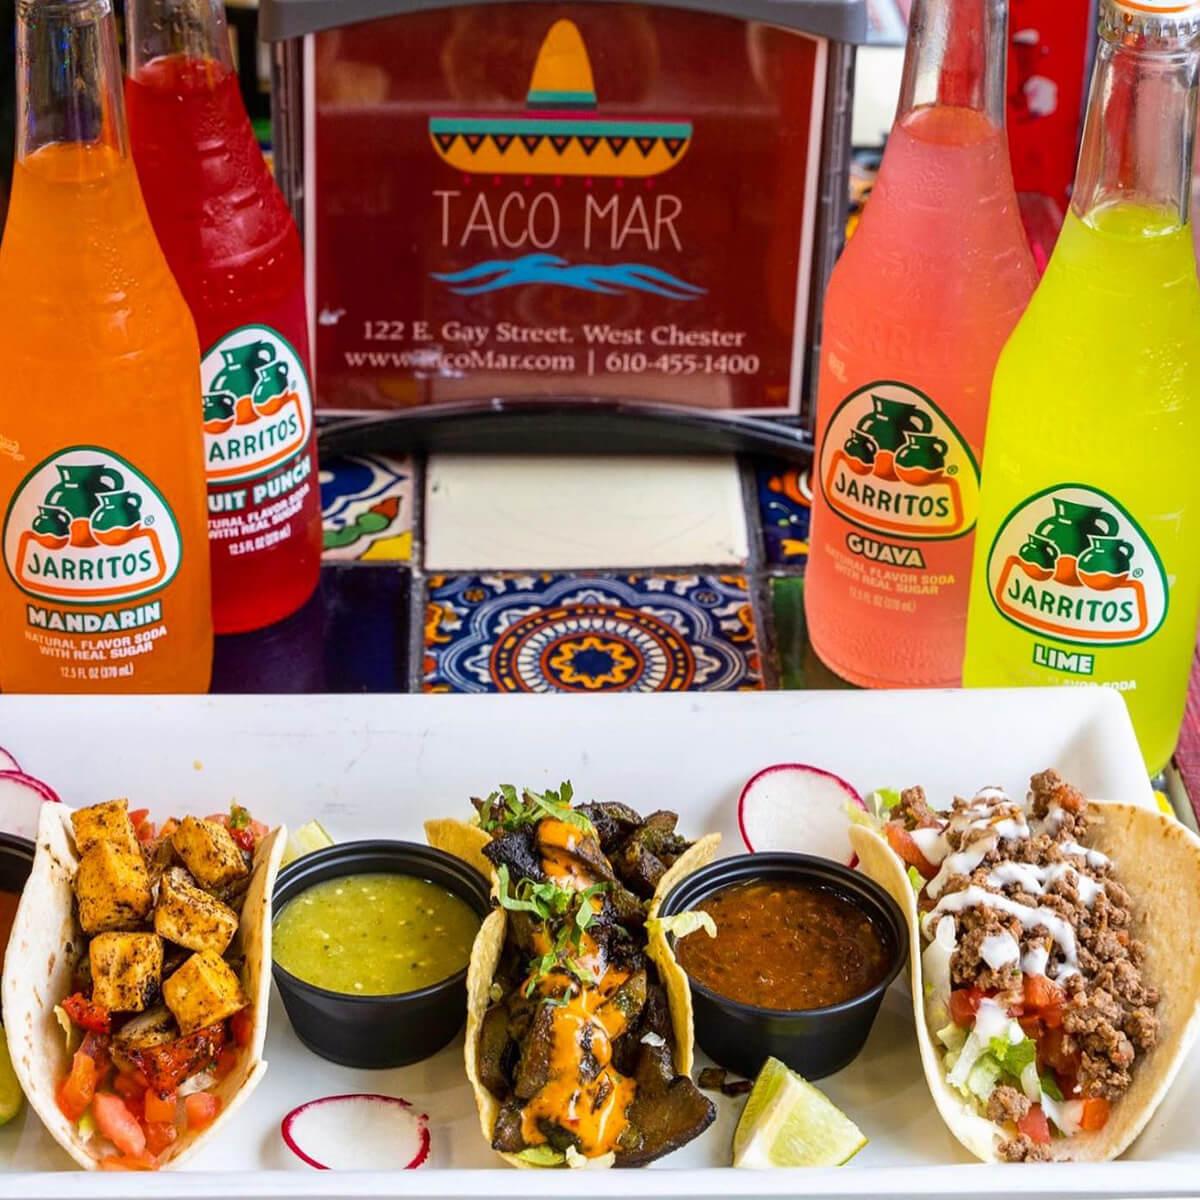 Taco Mar Tacos